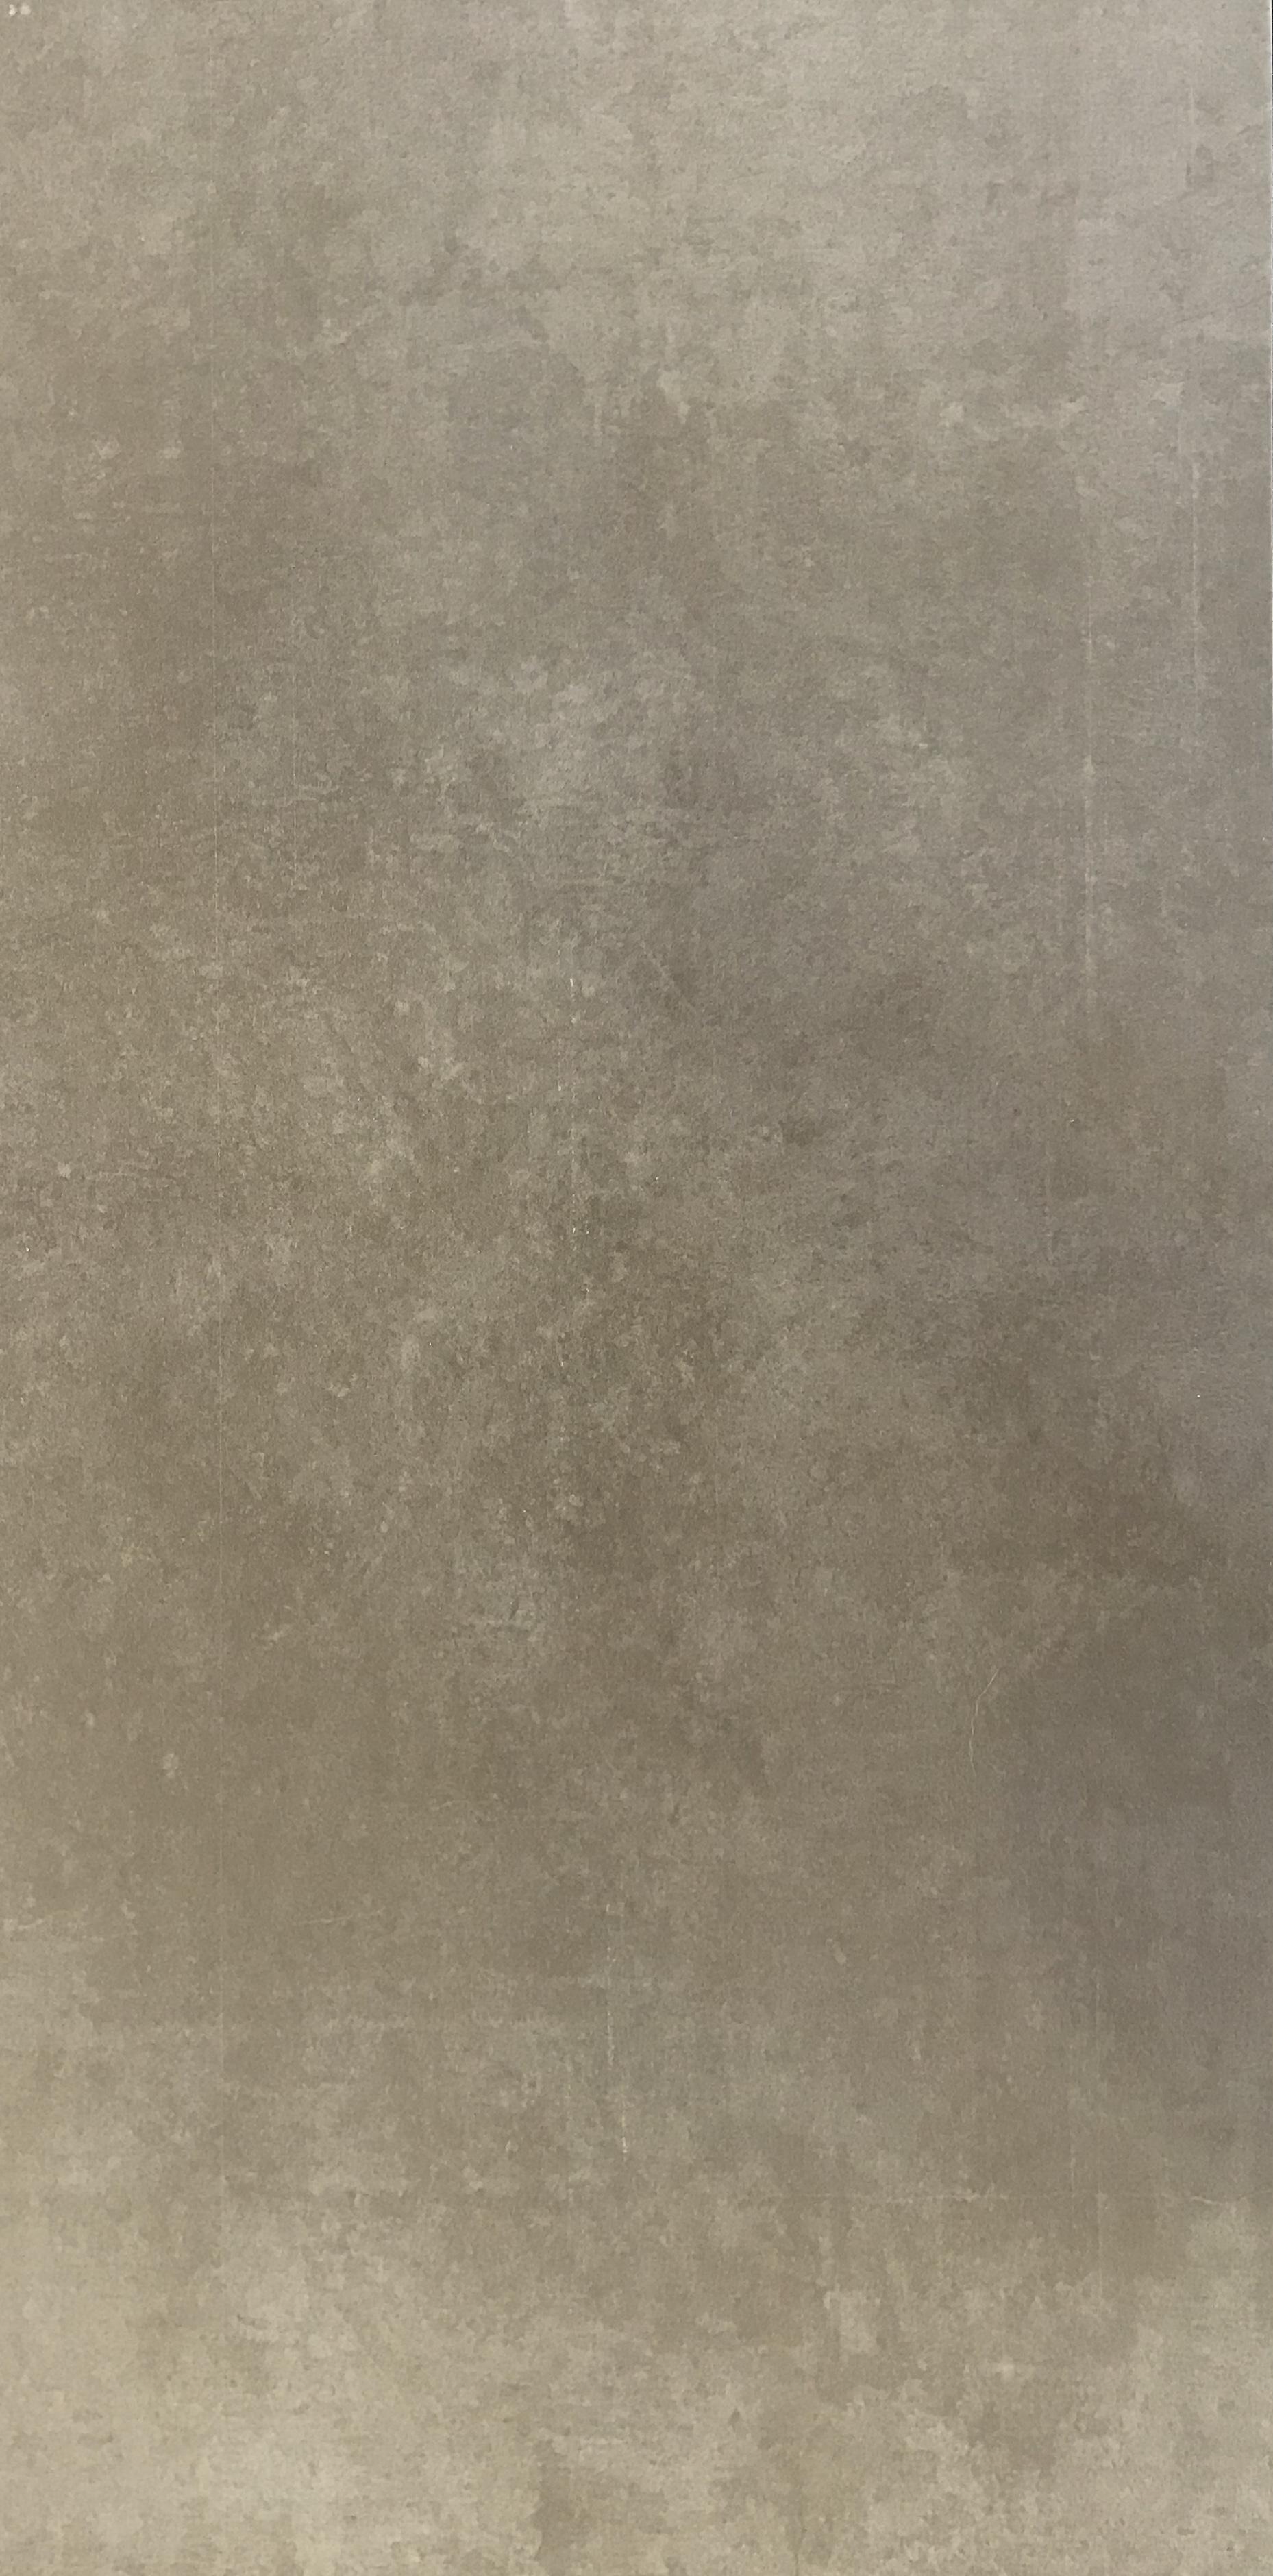 Interbau Blink Tessin matt Boden-/Wandfliese Zementbeige 35x70